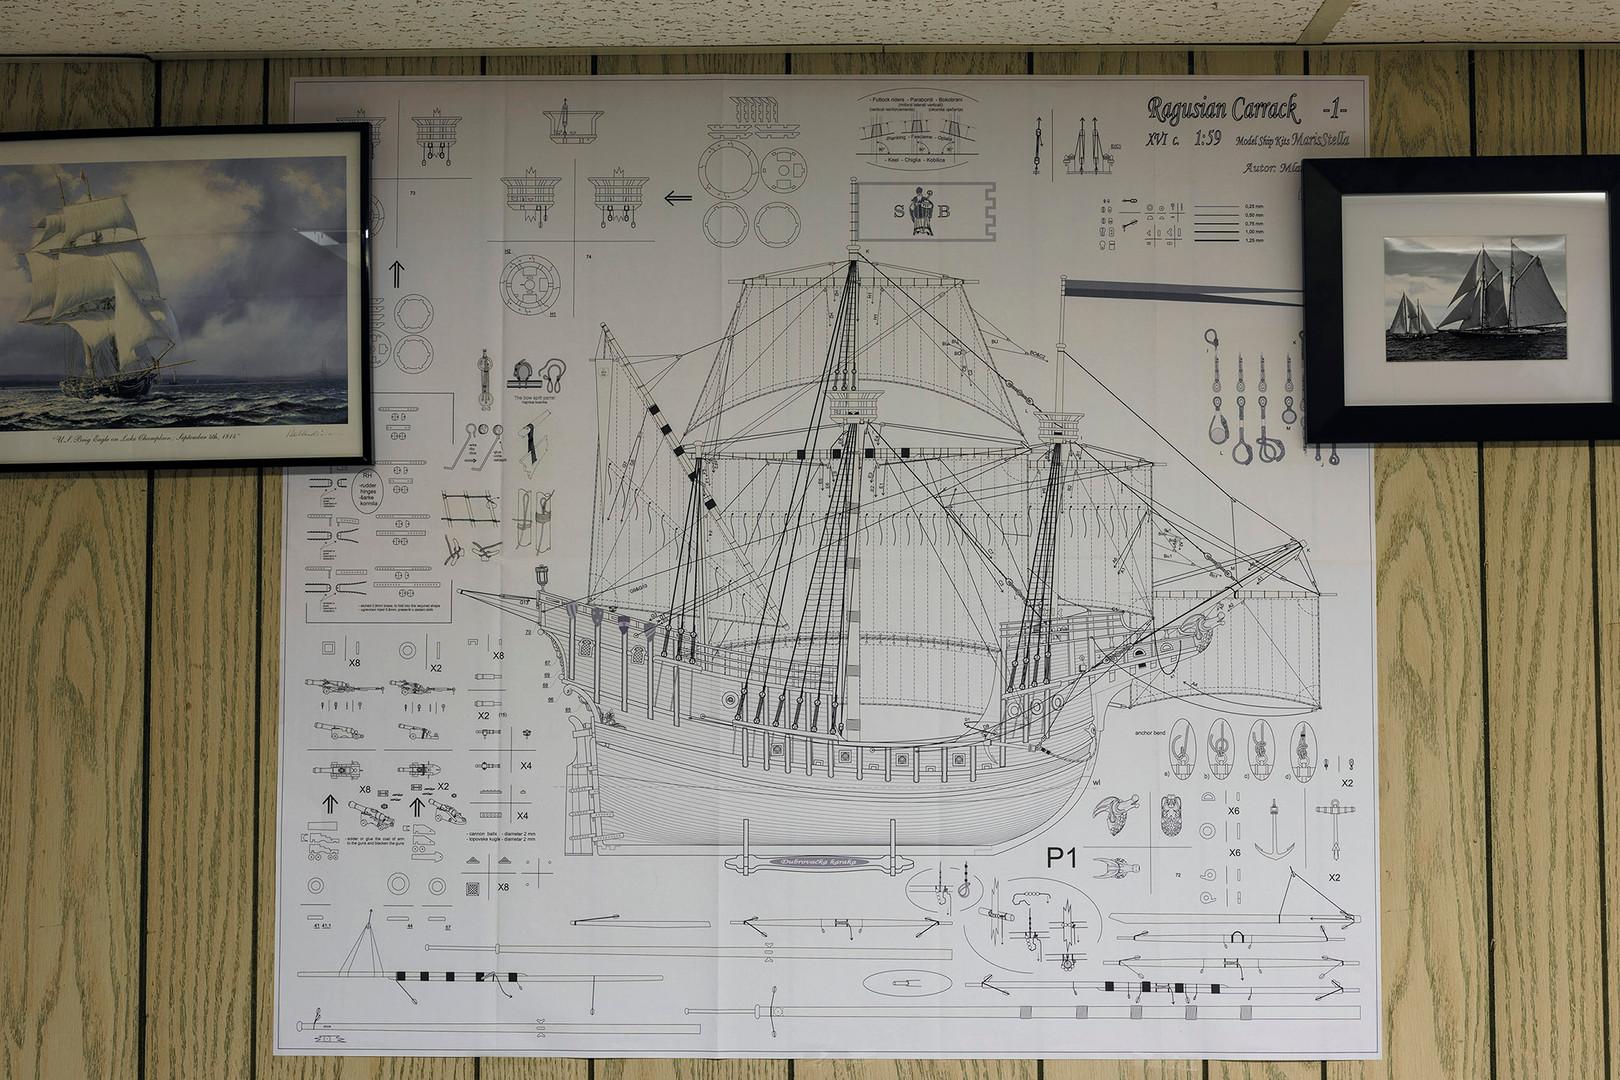 011-drawings.jpg